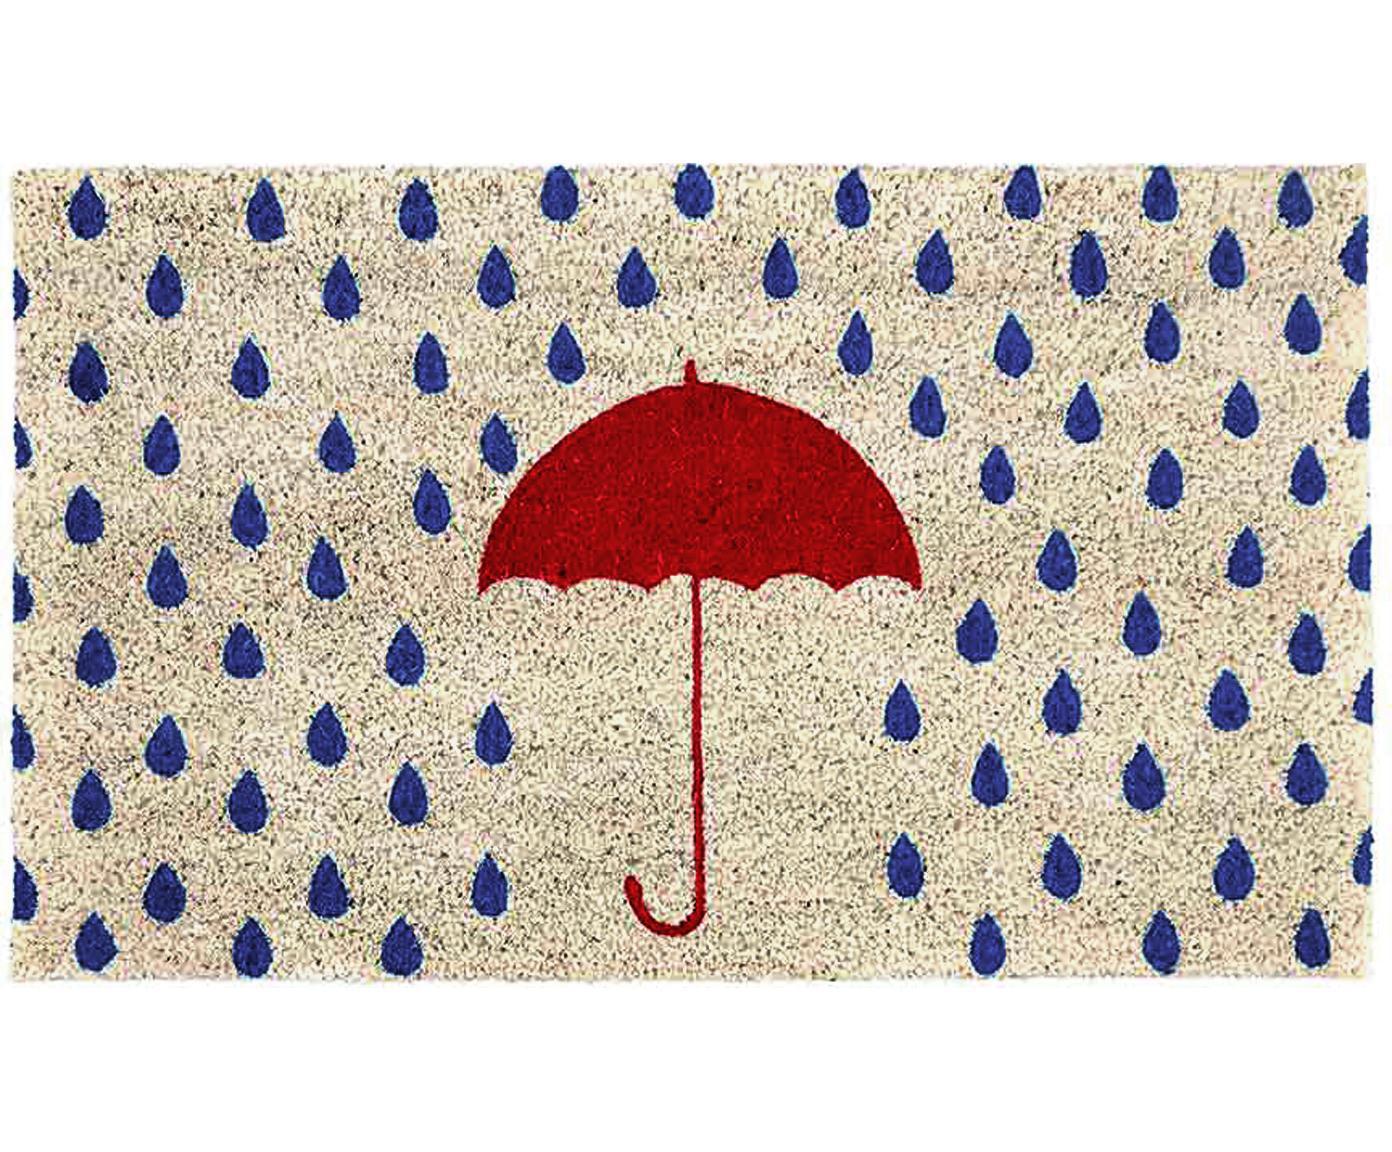 Felpudo Rainy, Parte superior: fibras de coco, Reverso: plástico (PVC), Beige claro, azul, rojo, An 45 x L 75 cm